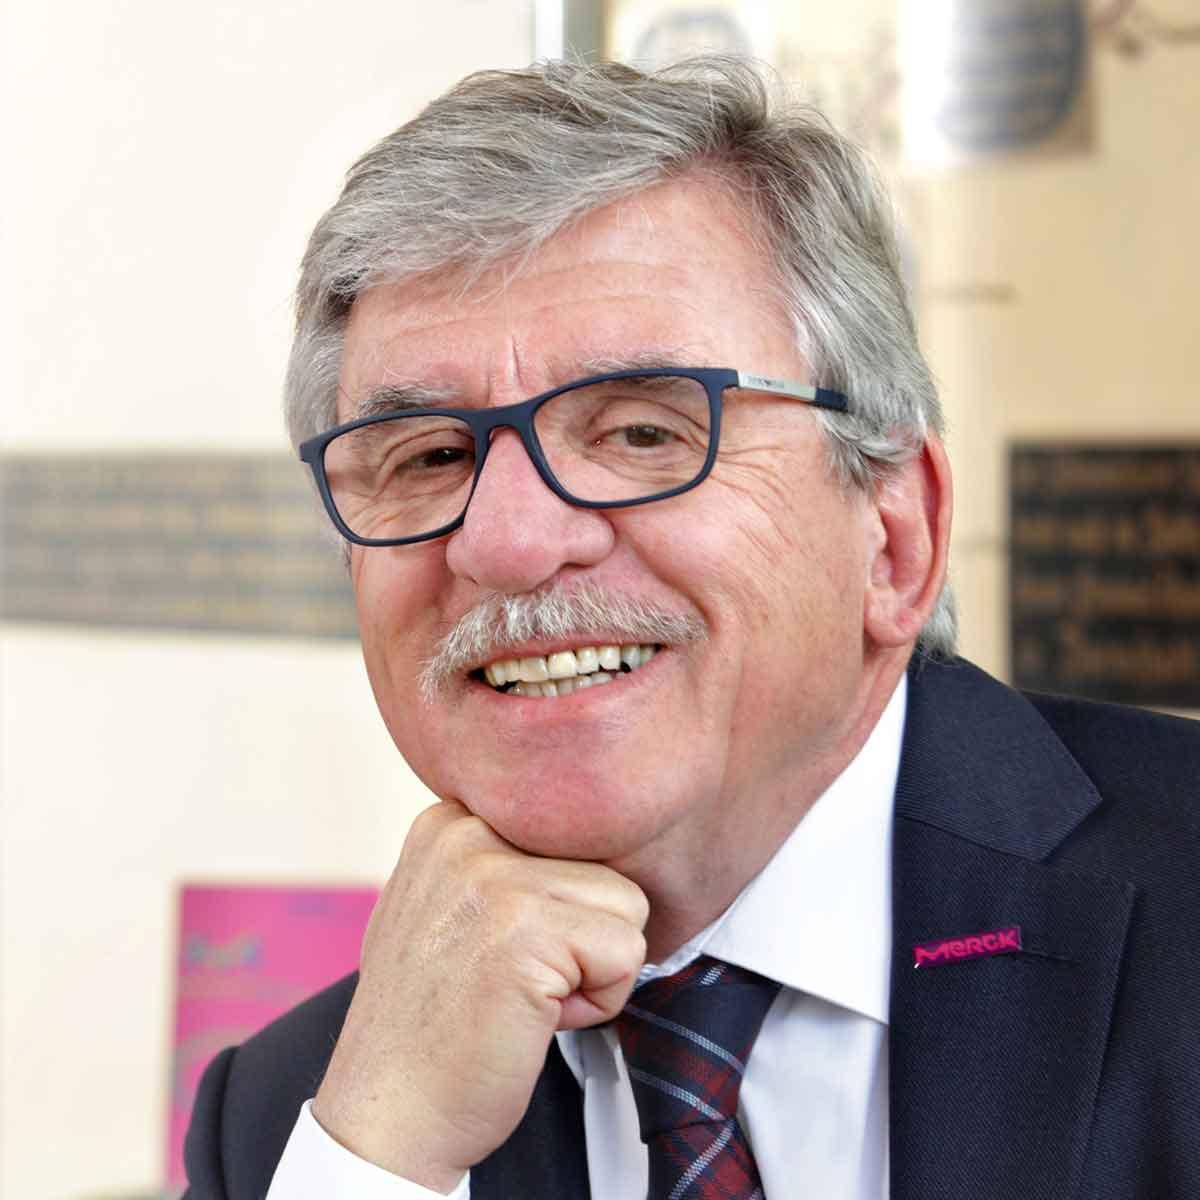 Dr. Walter Huber Merck Family Foundation